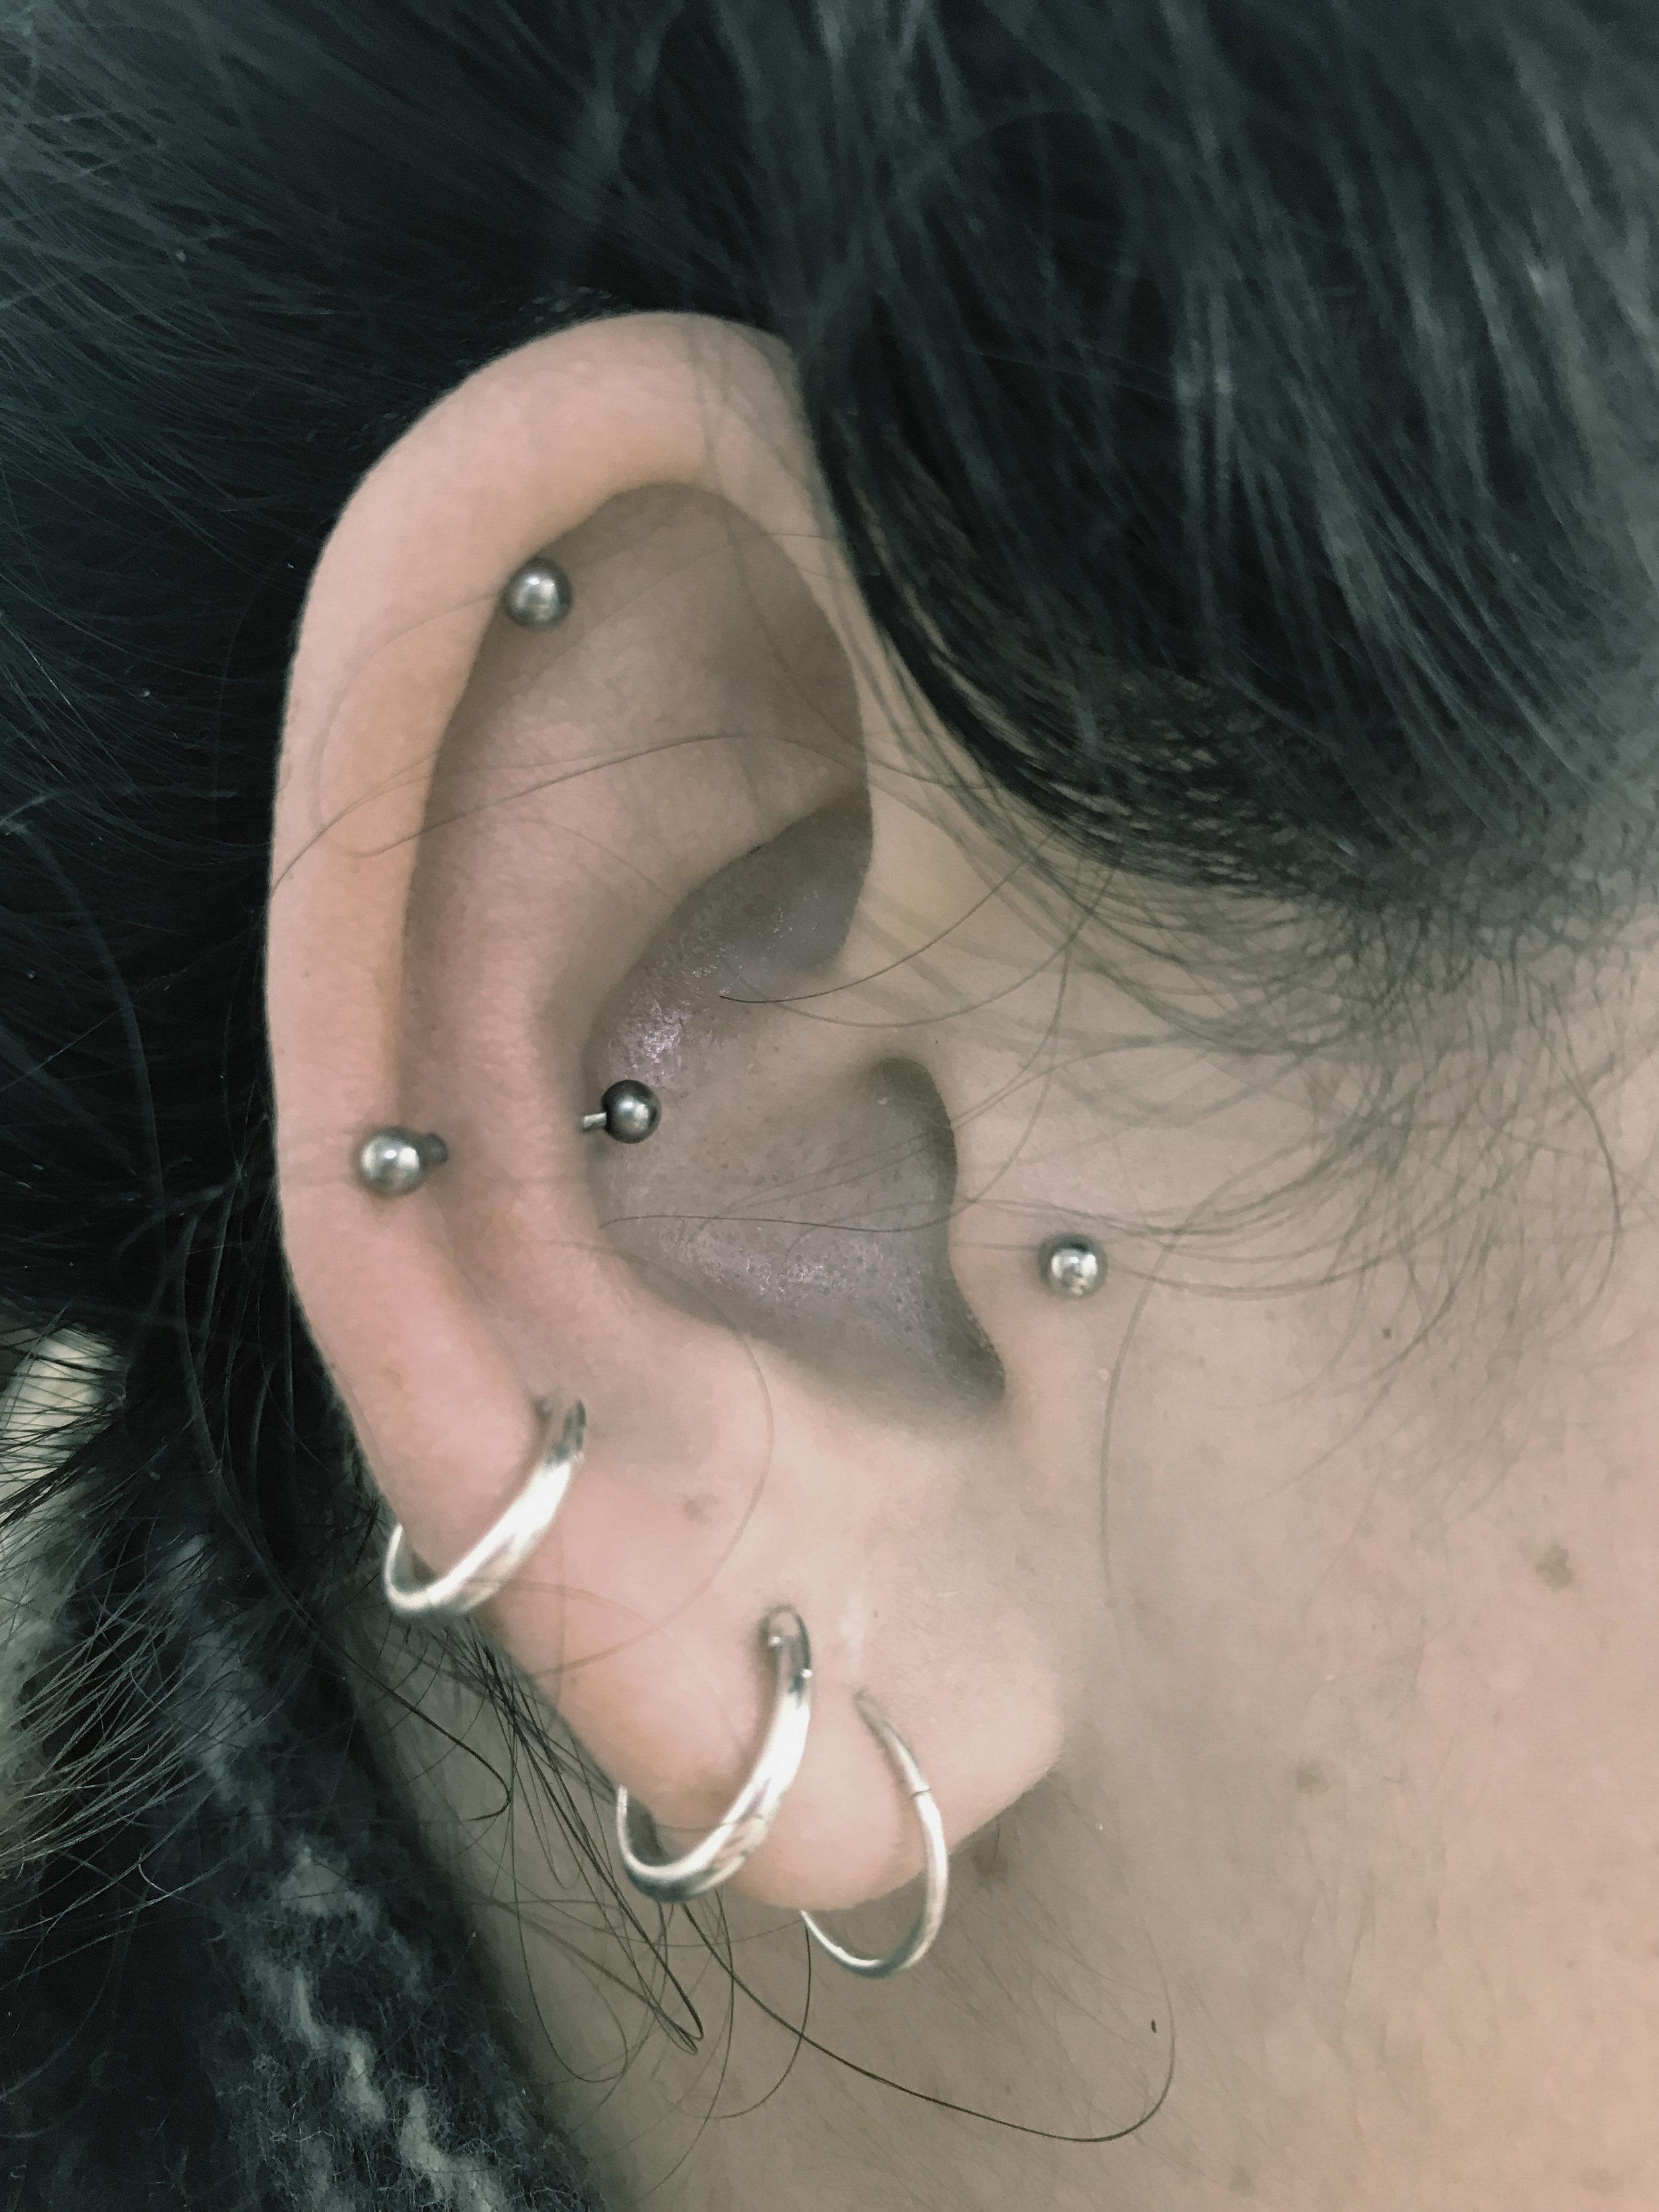 Cute little snug piercing along side a Tragus piercing & a high Helix piercing